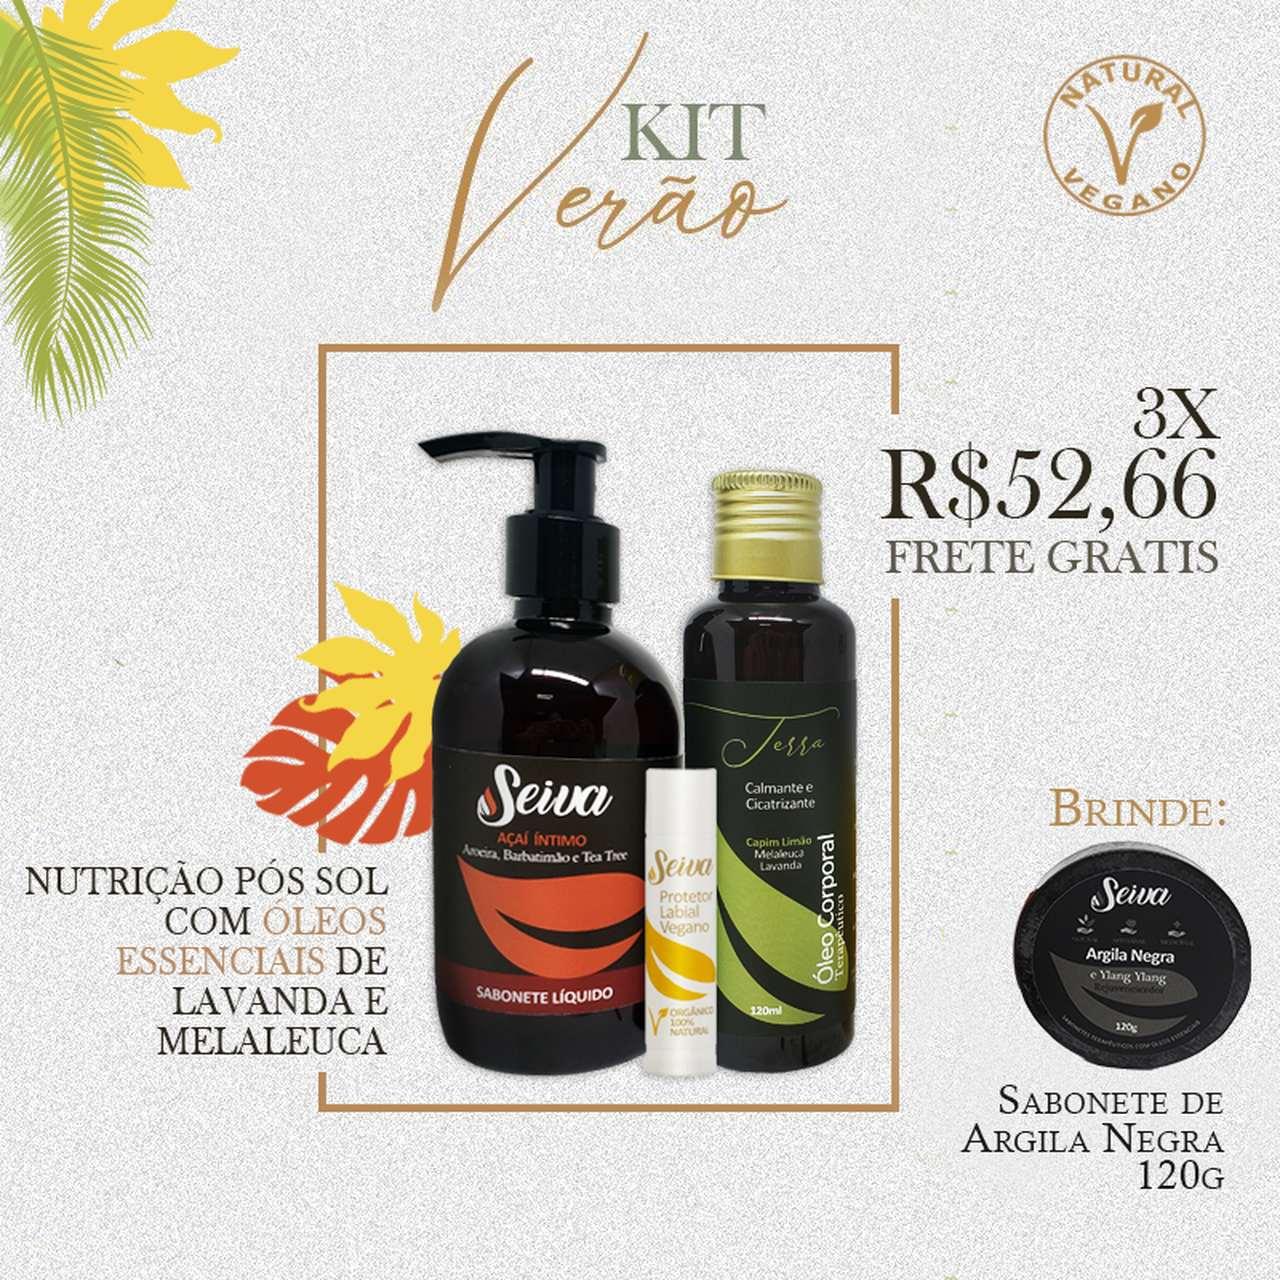 Kit Verão 2